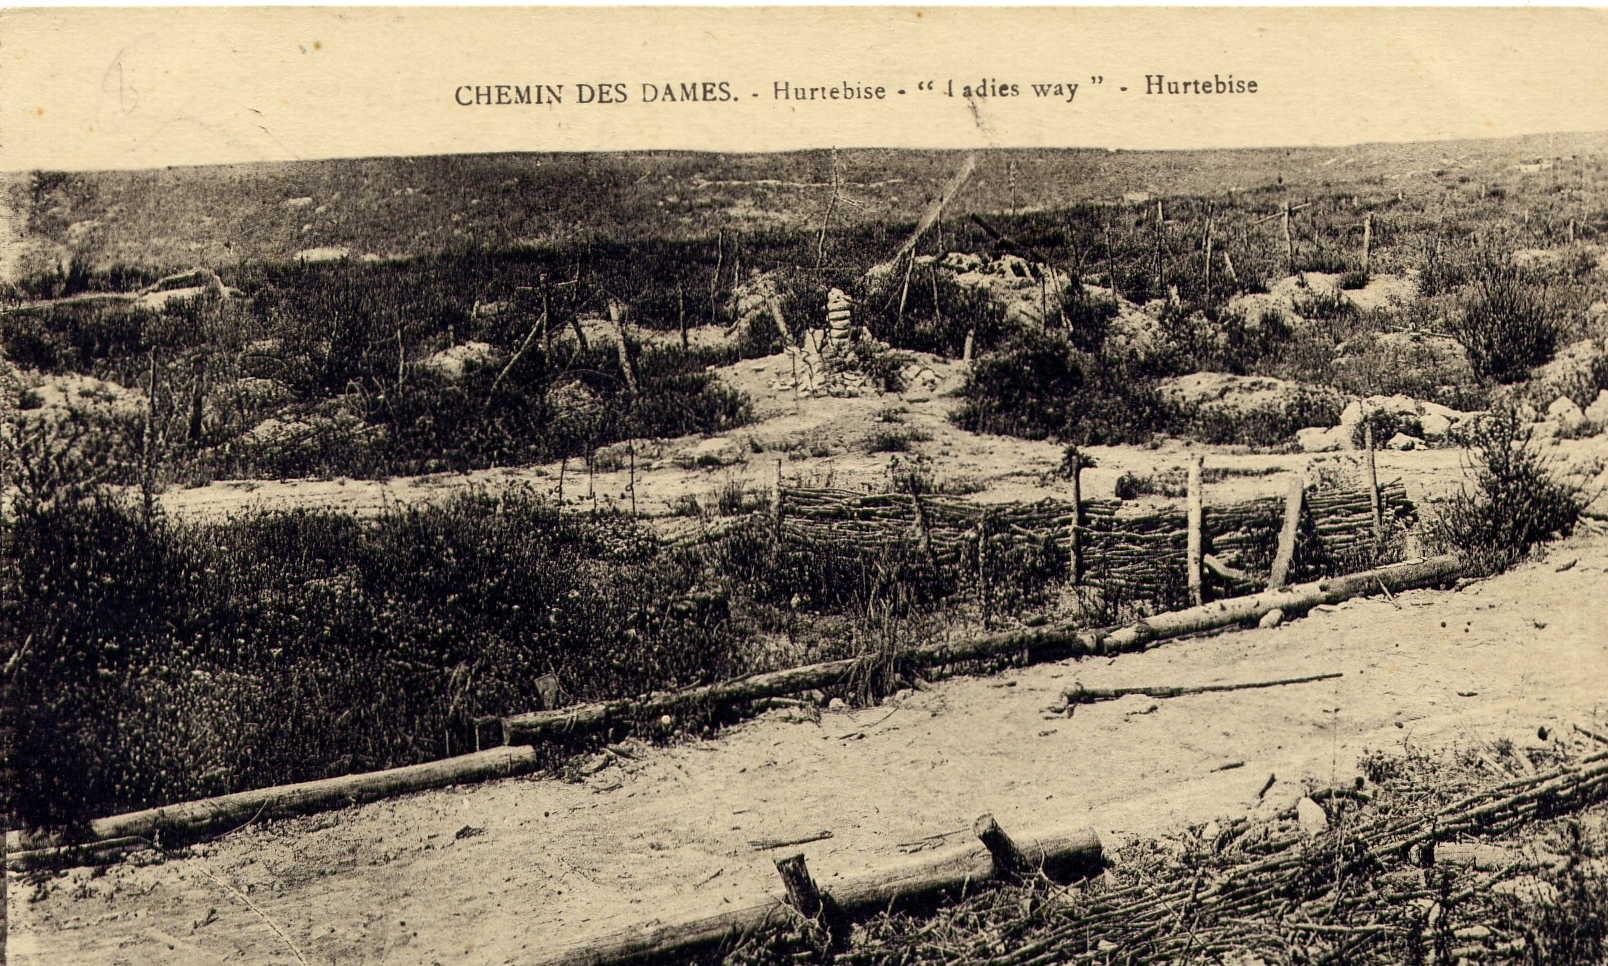 Chemin des Dames - Hurtebise